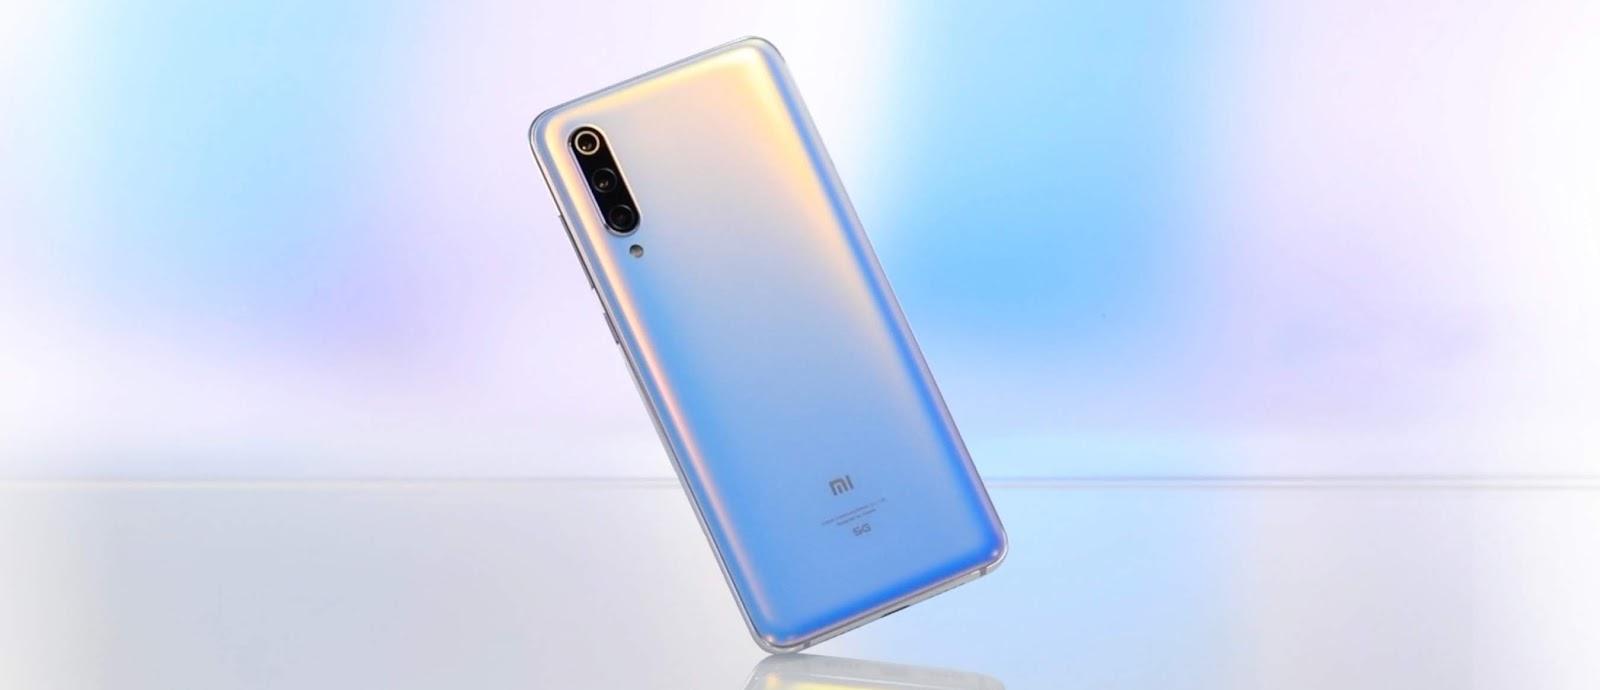 الإعلان رسميًا عن الهاتف Xiaomi Mi9 Pro مع المعالج +Snapdragon 855، وشاحن بقوة 45W